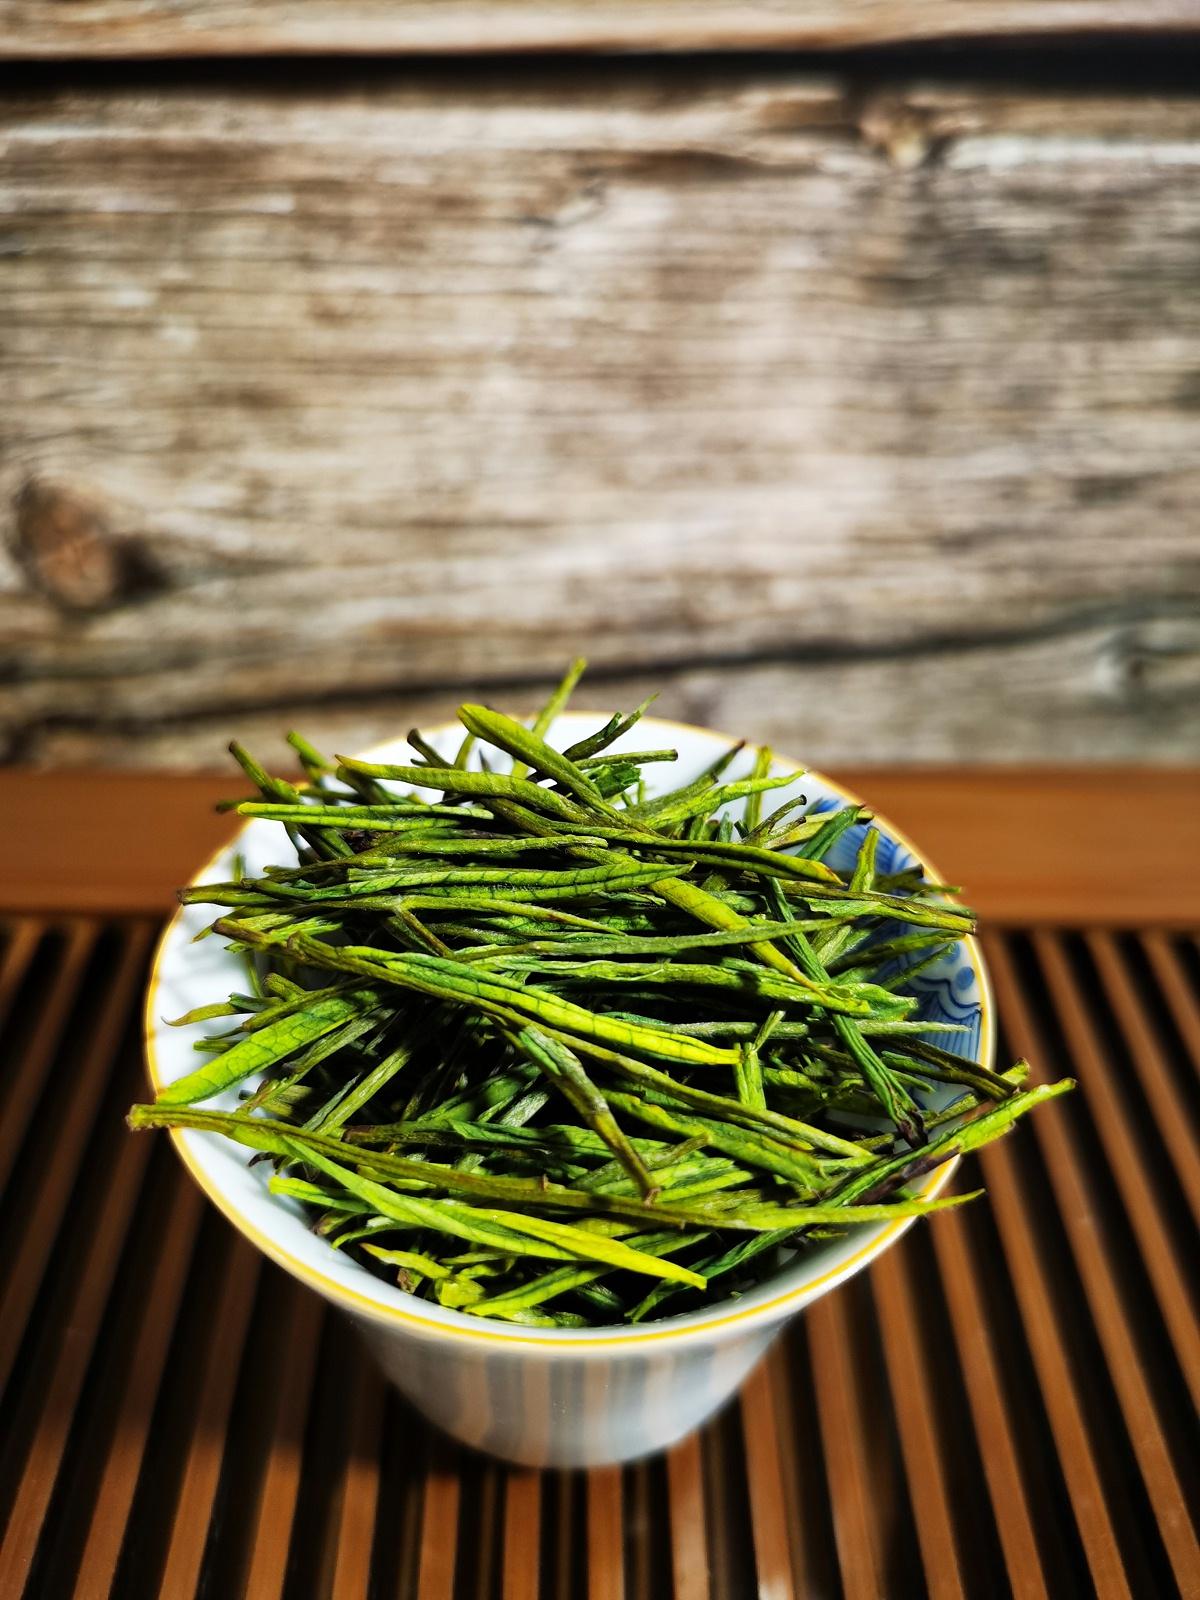 福鼎高山茶怎么储存?发酵茶恒温储存为上佳【鸦鹊山】